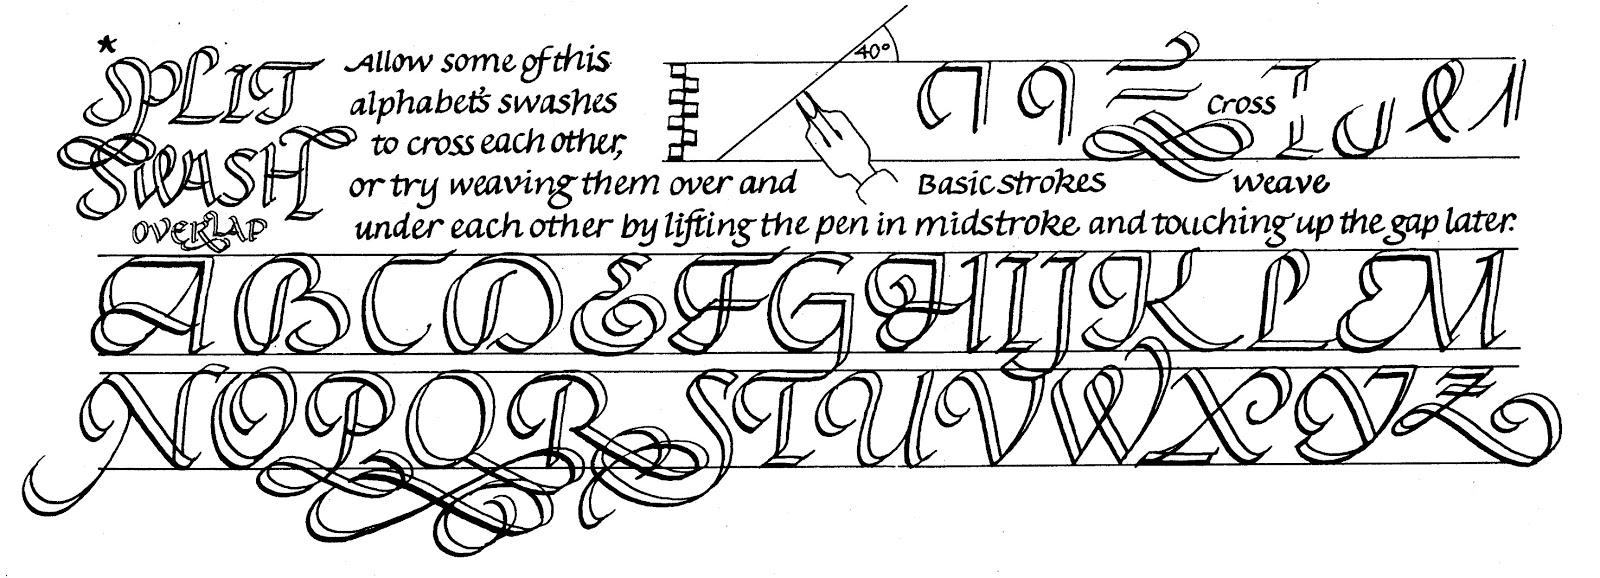 Margaret Shepherd Calligraphy Blog 86 Split Swash Capitals